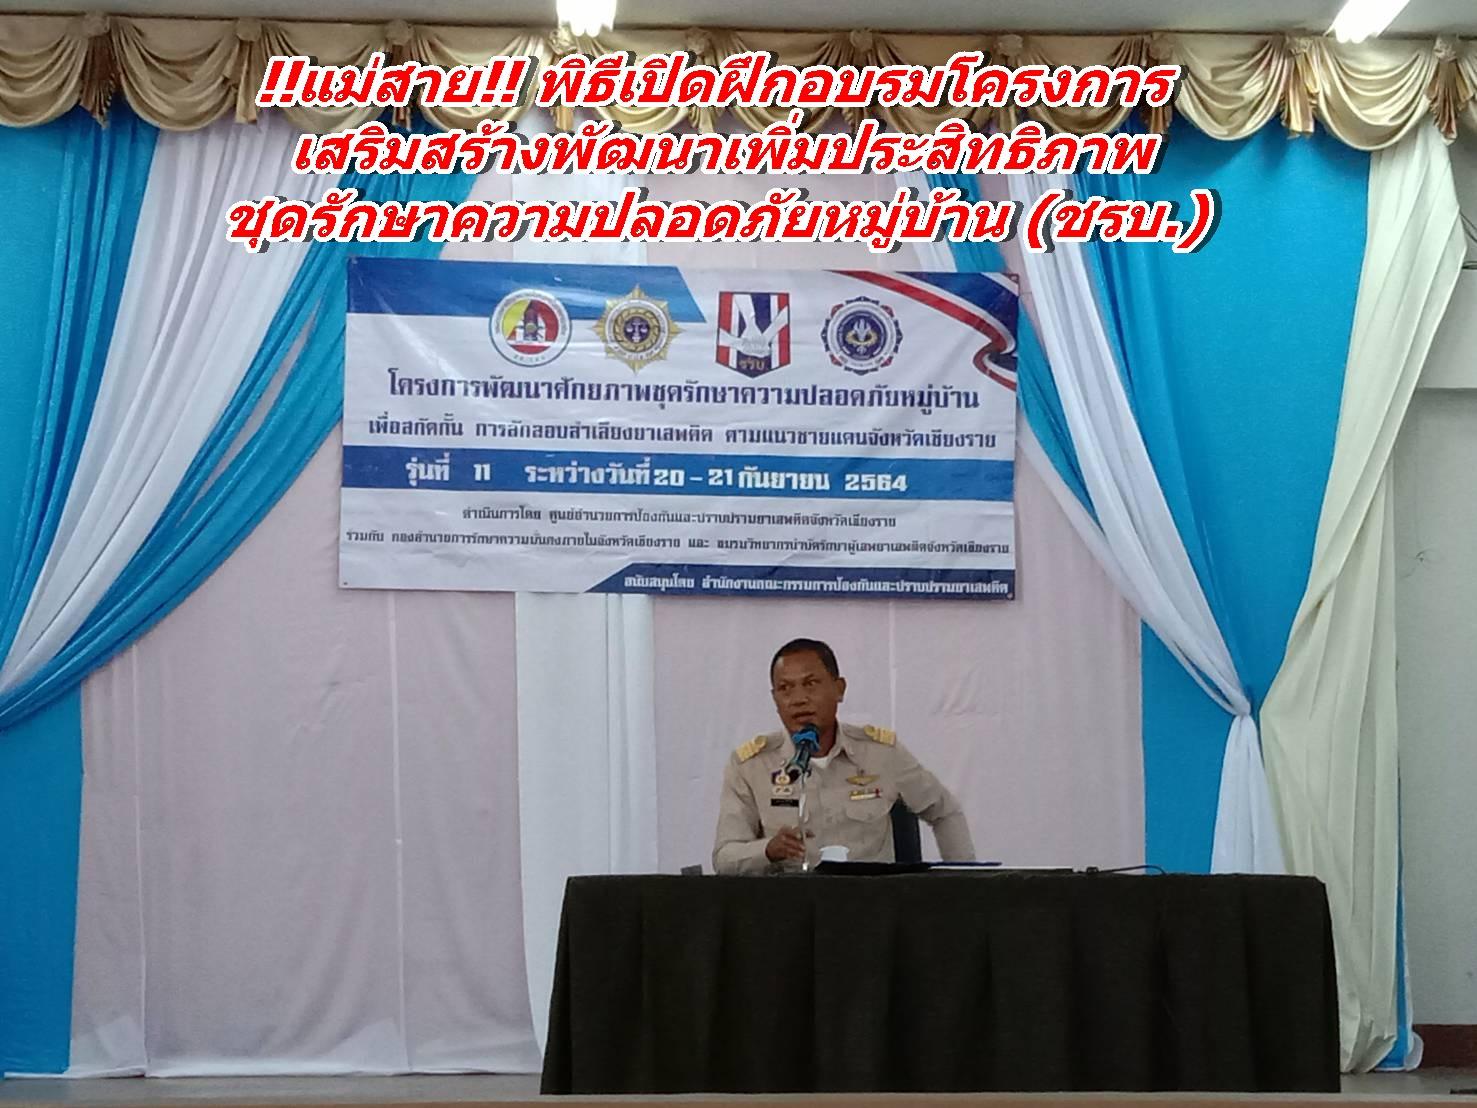 (คลิป) !!แม่สาย!! พิธีเปิดฝึกอบรมโครงการเสริมสร้างพัฒนาเพิ่มประสิทธิภาพ ชุดรักษาความปลอดภัยหมู่บ้าน (ชรบ.)